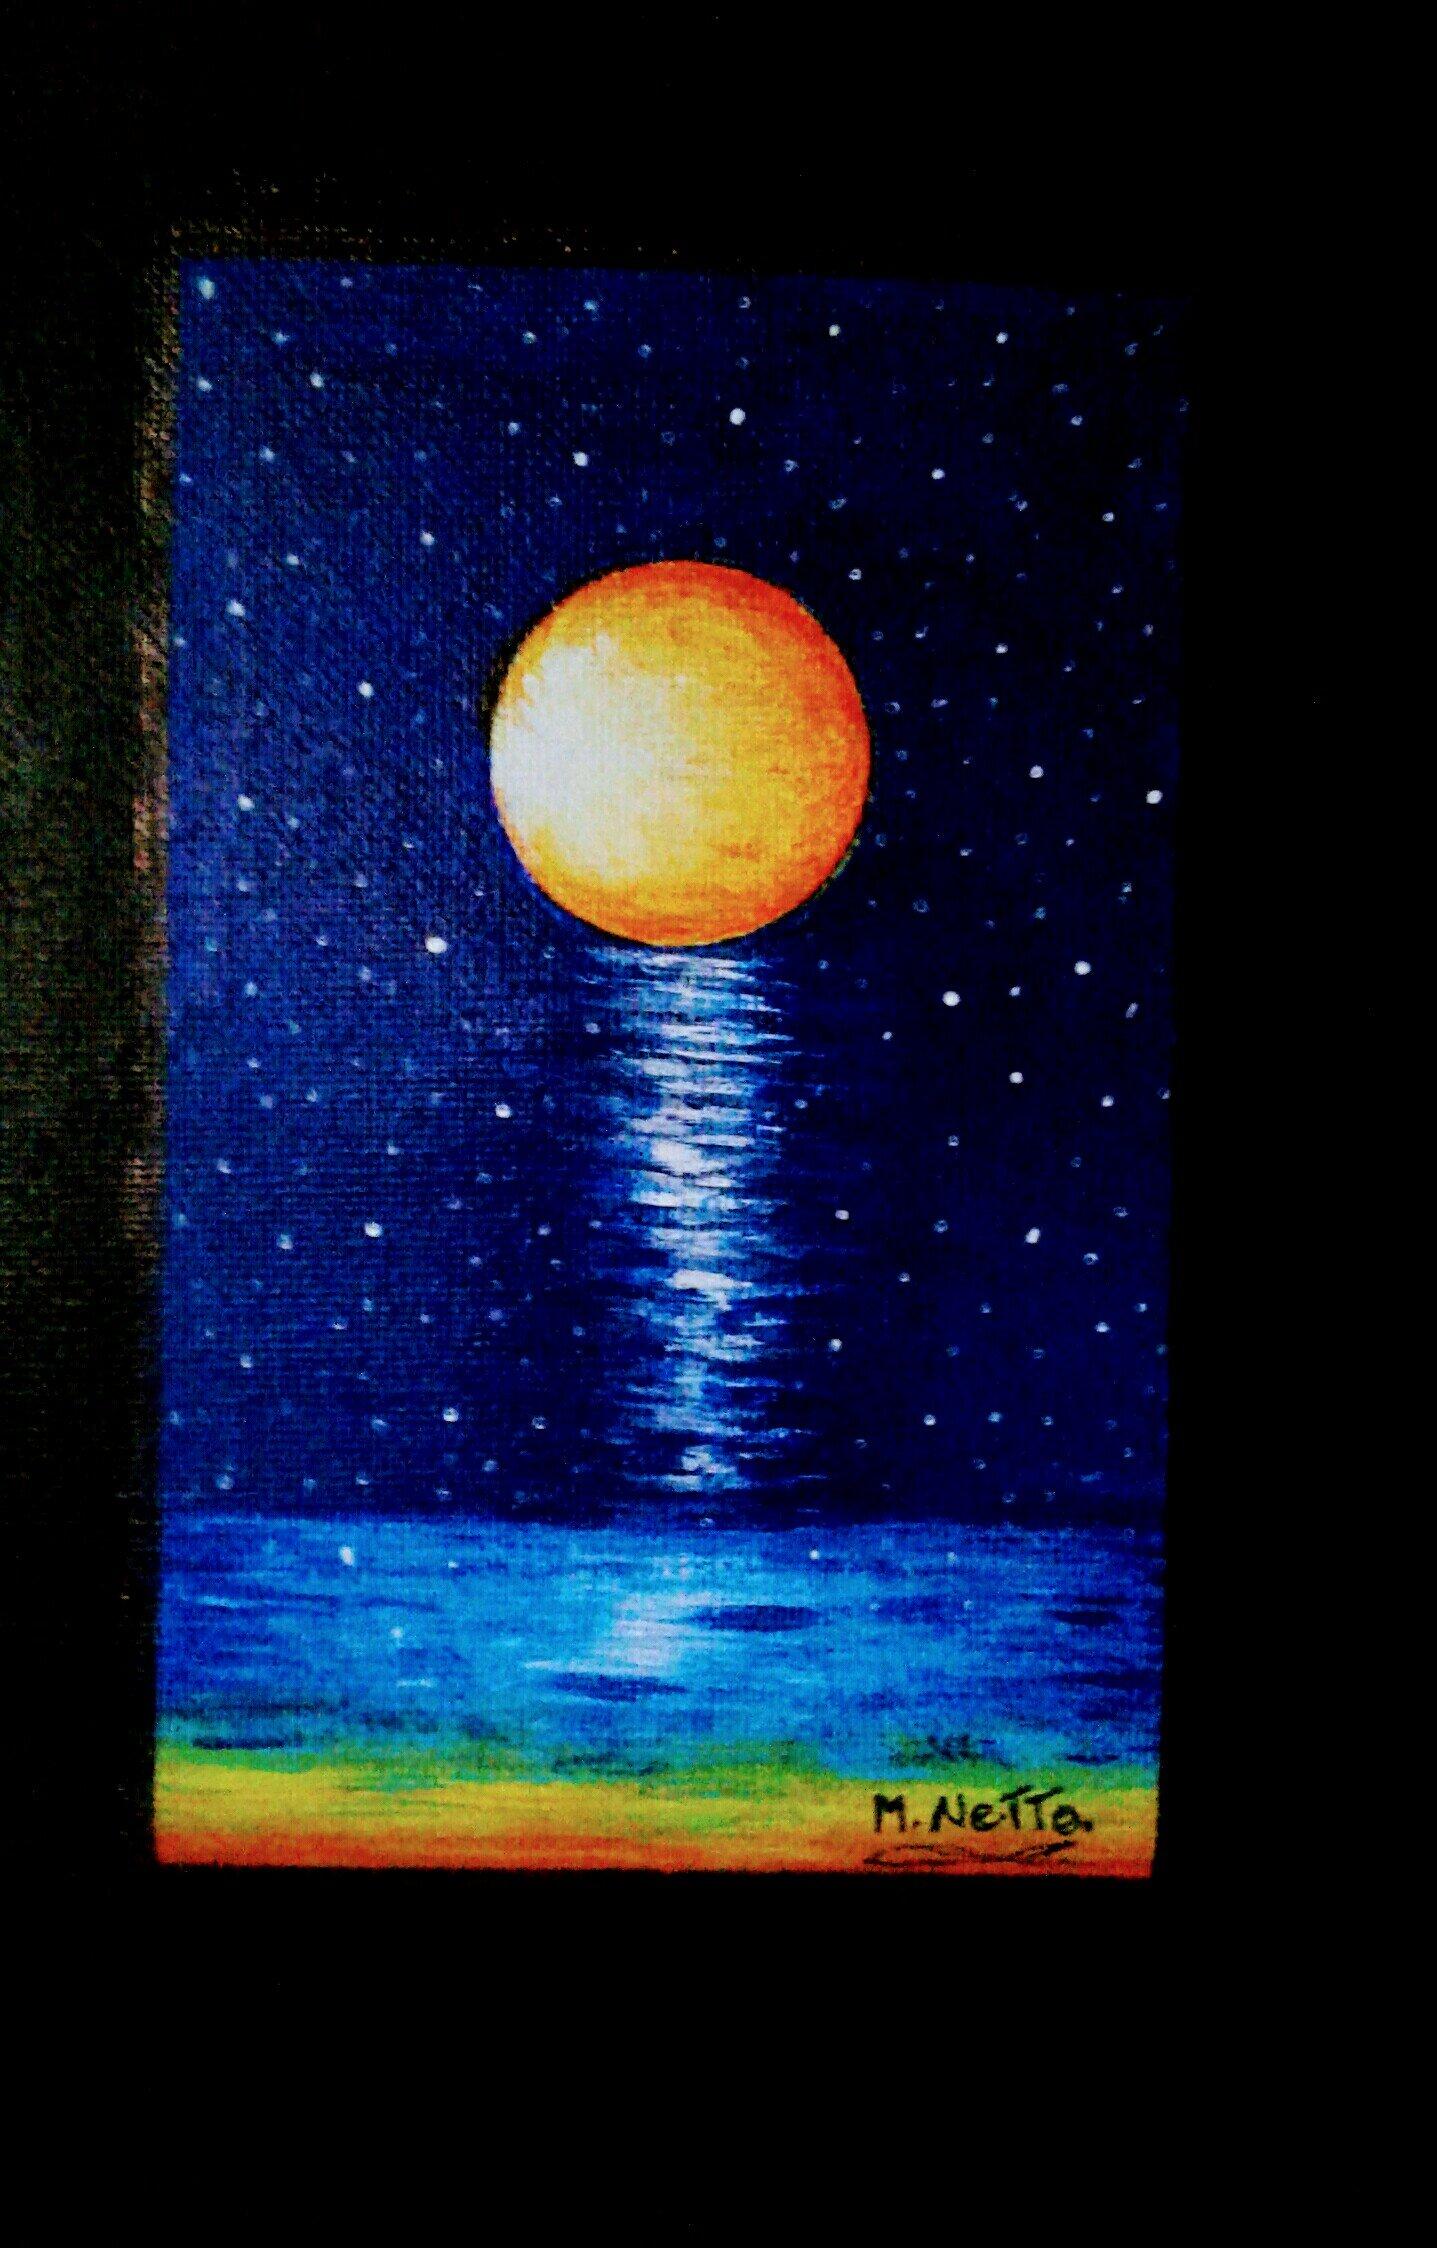 La Luna vista desde la playa (2019) - Christian Mery Netto Da Costa